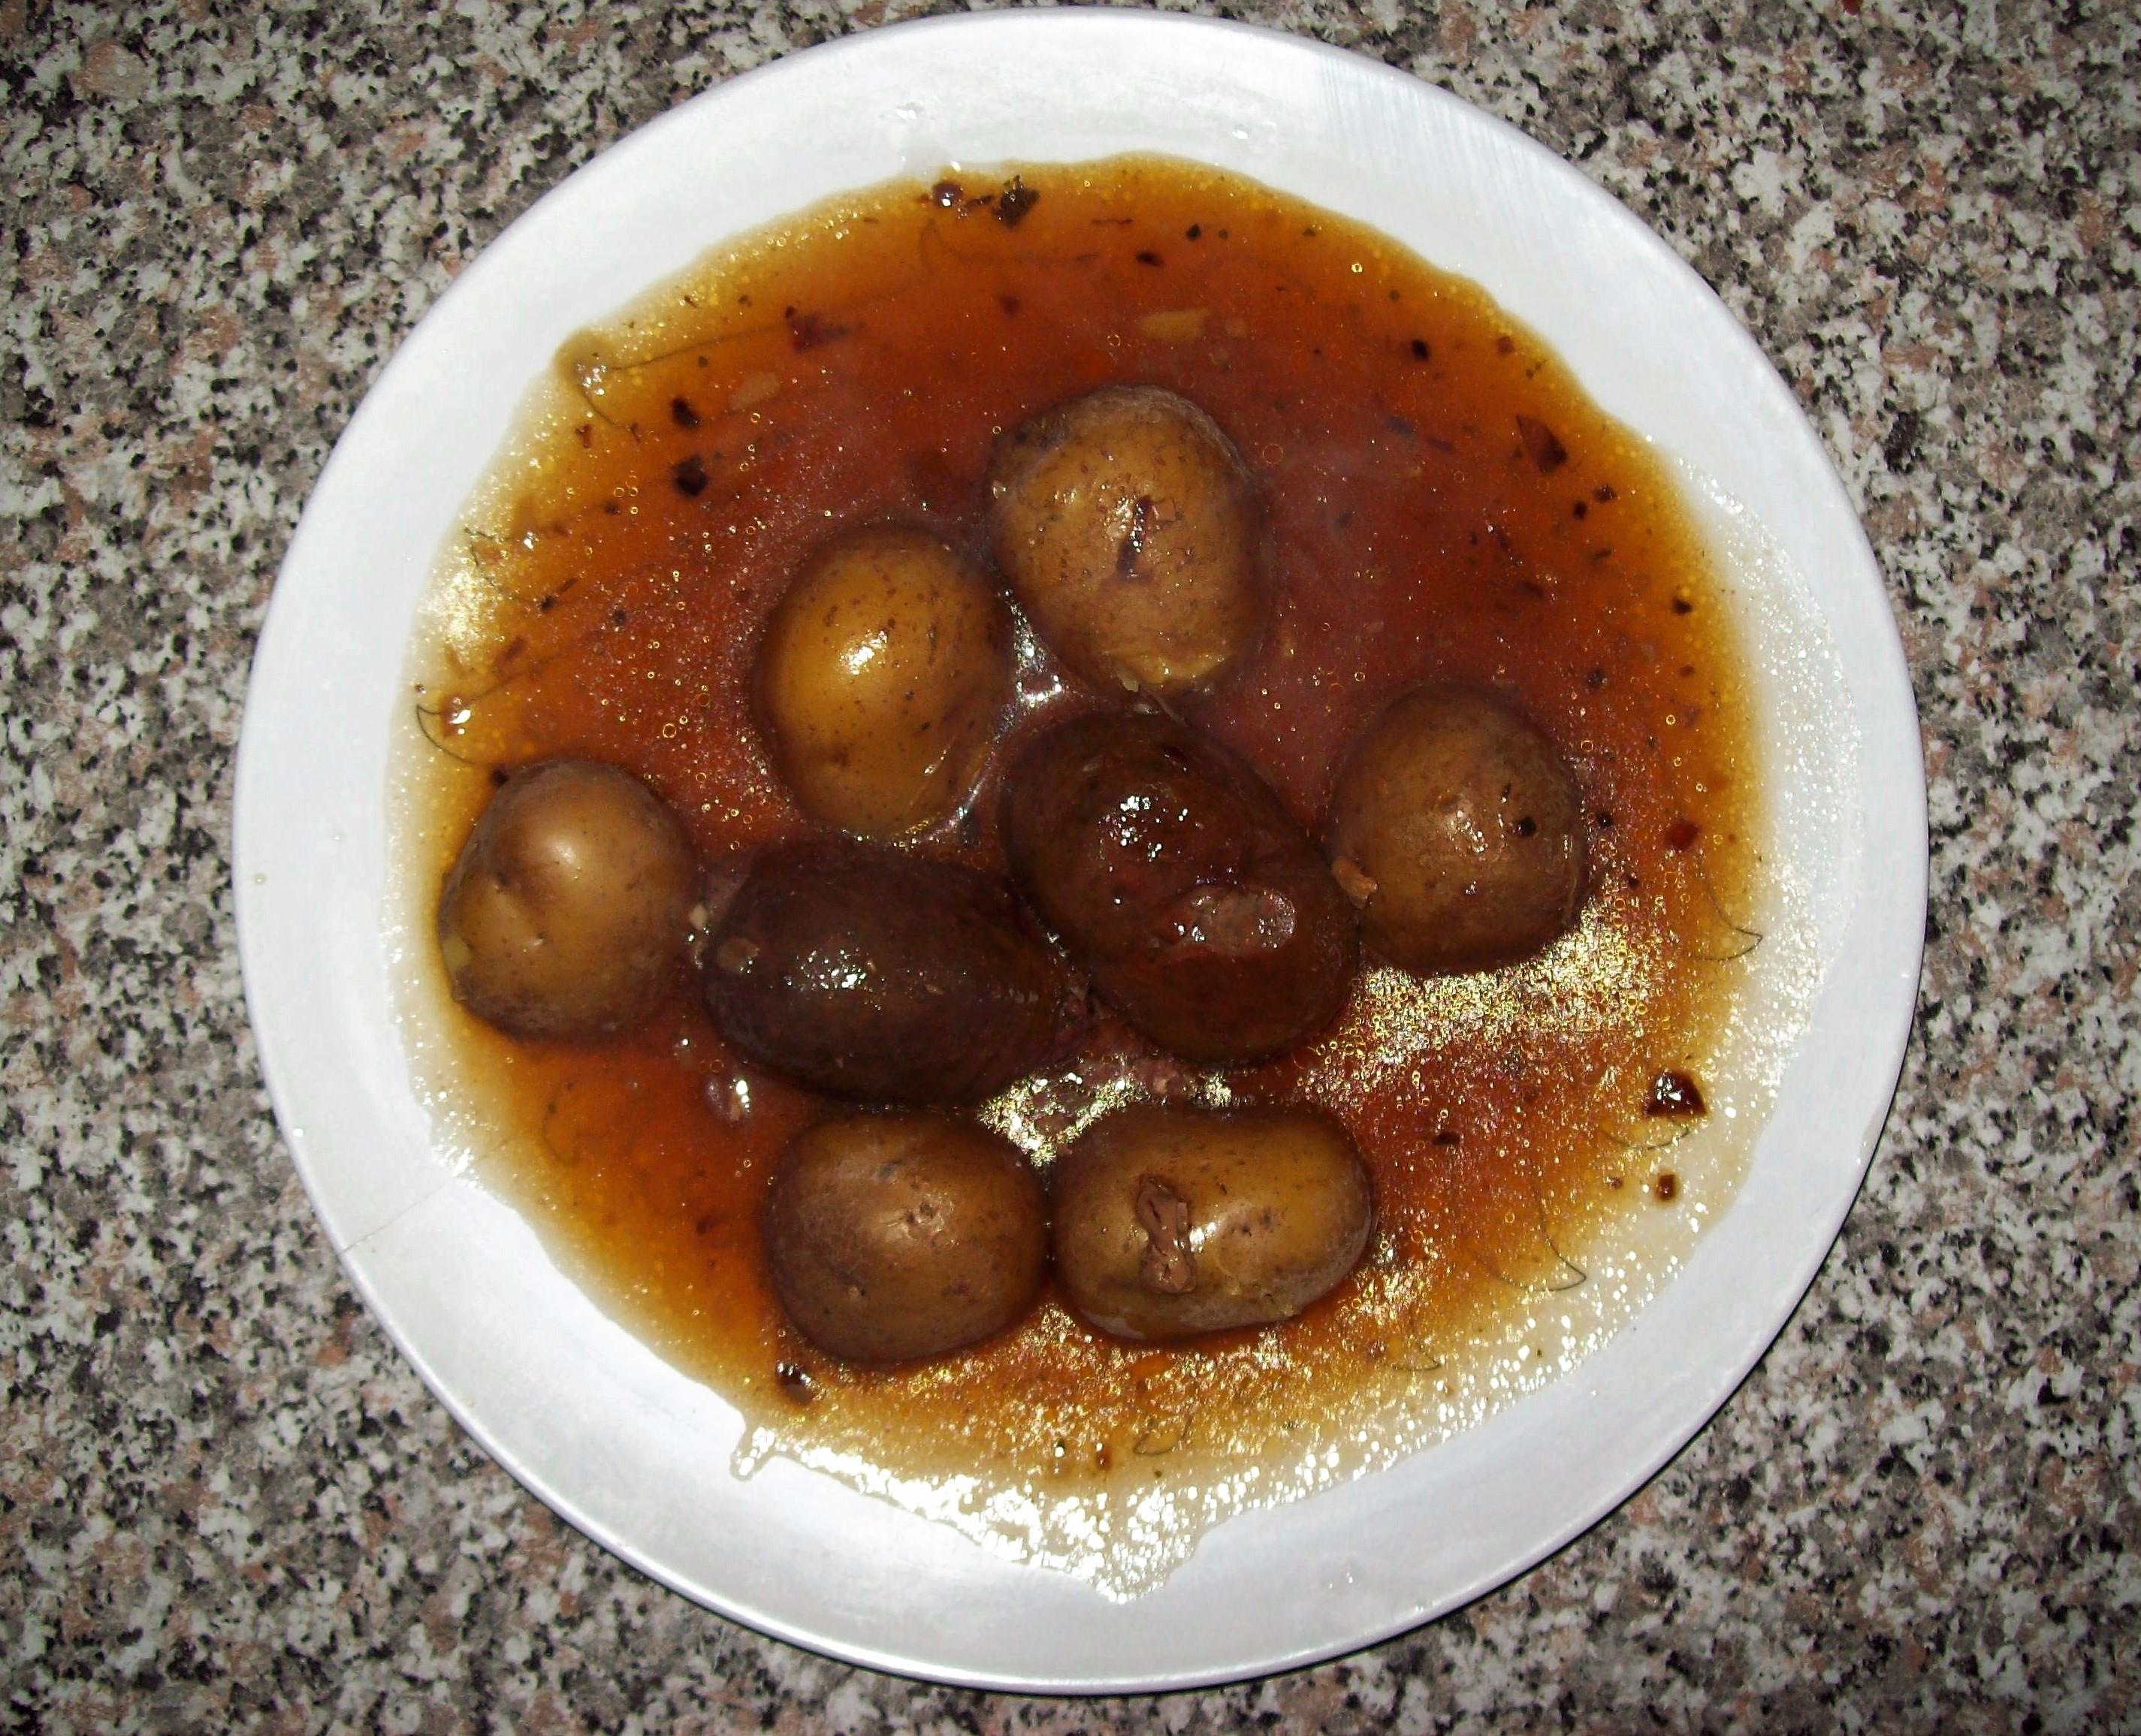 Vorschlag für ein gutes Mittagessen, nach einem Rezept aus der Region